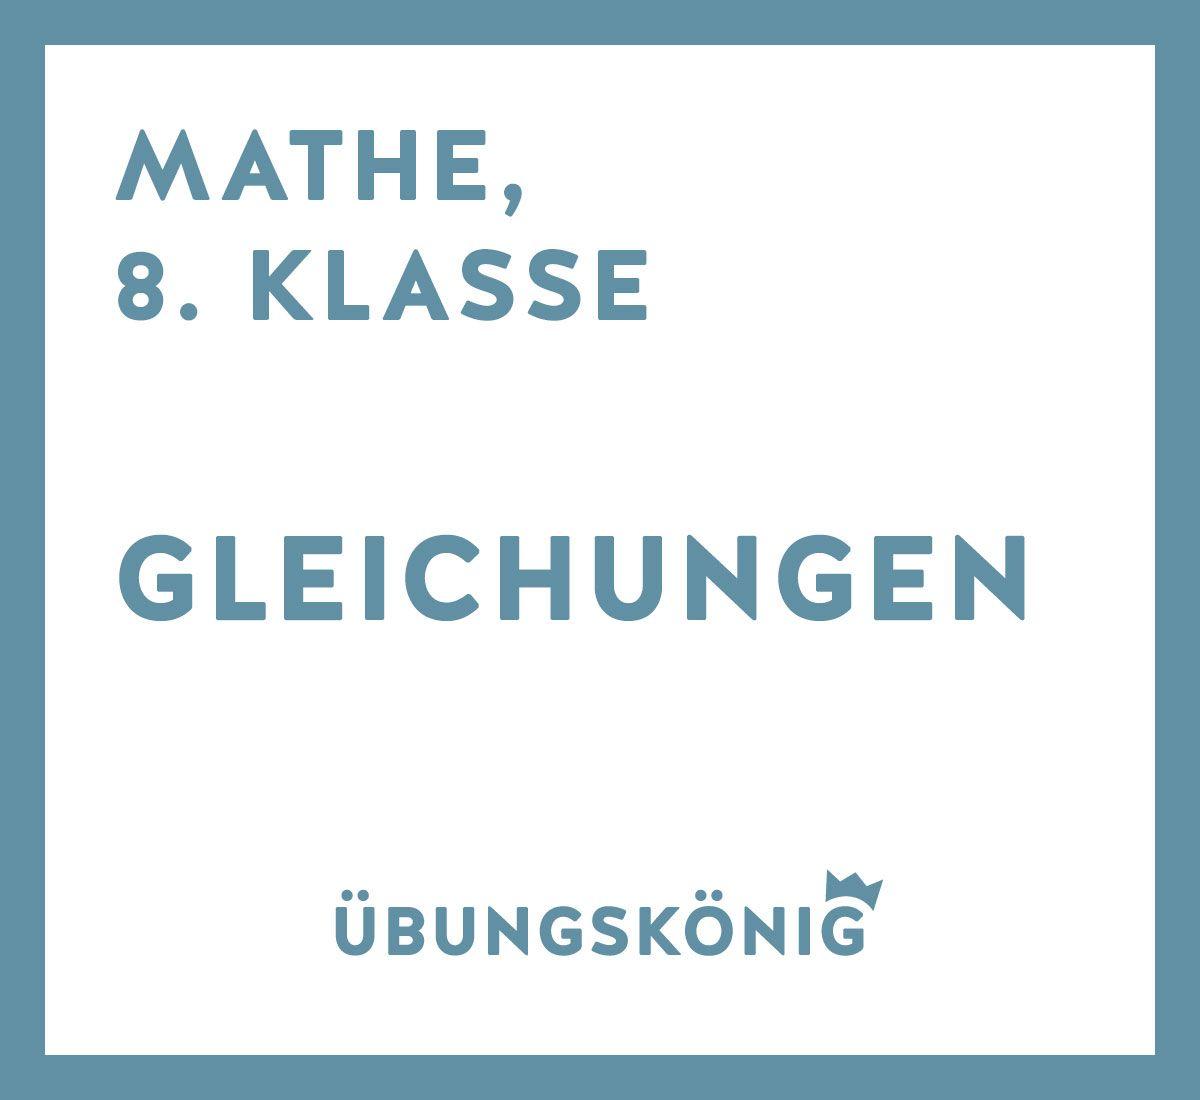 Mathe übungskönig